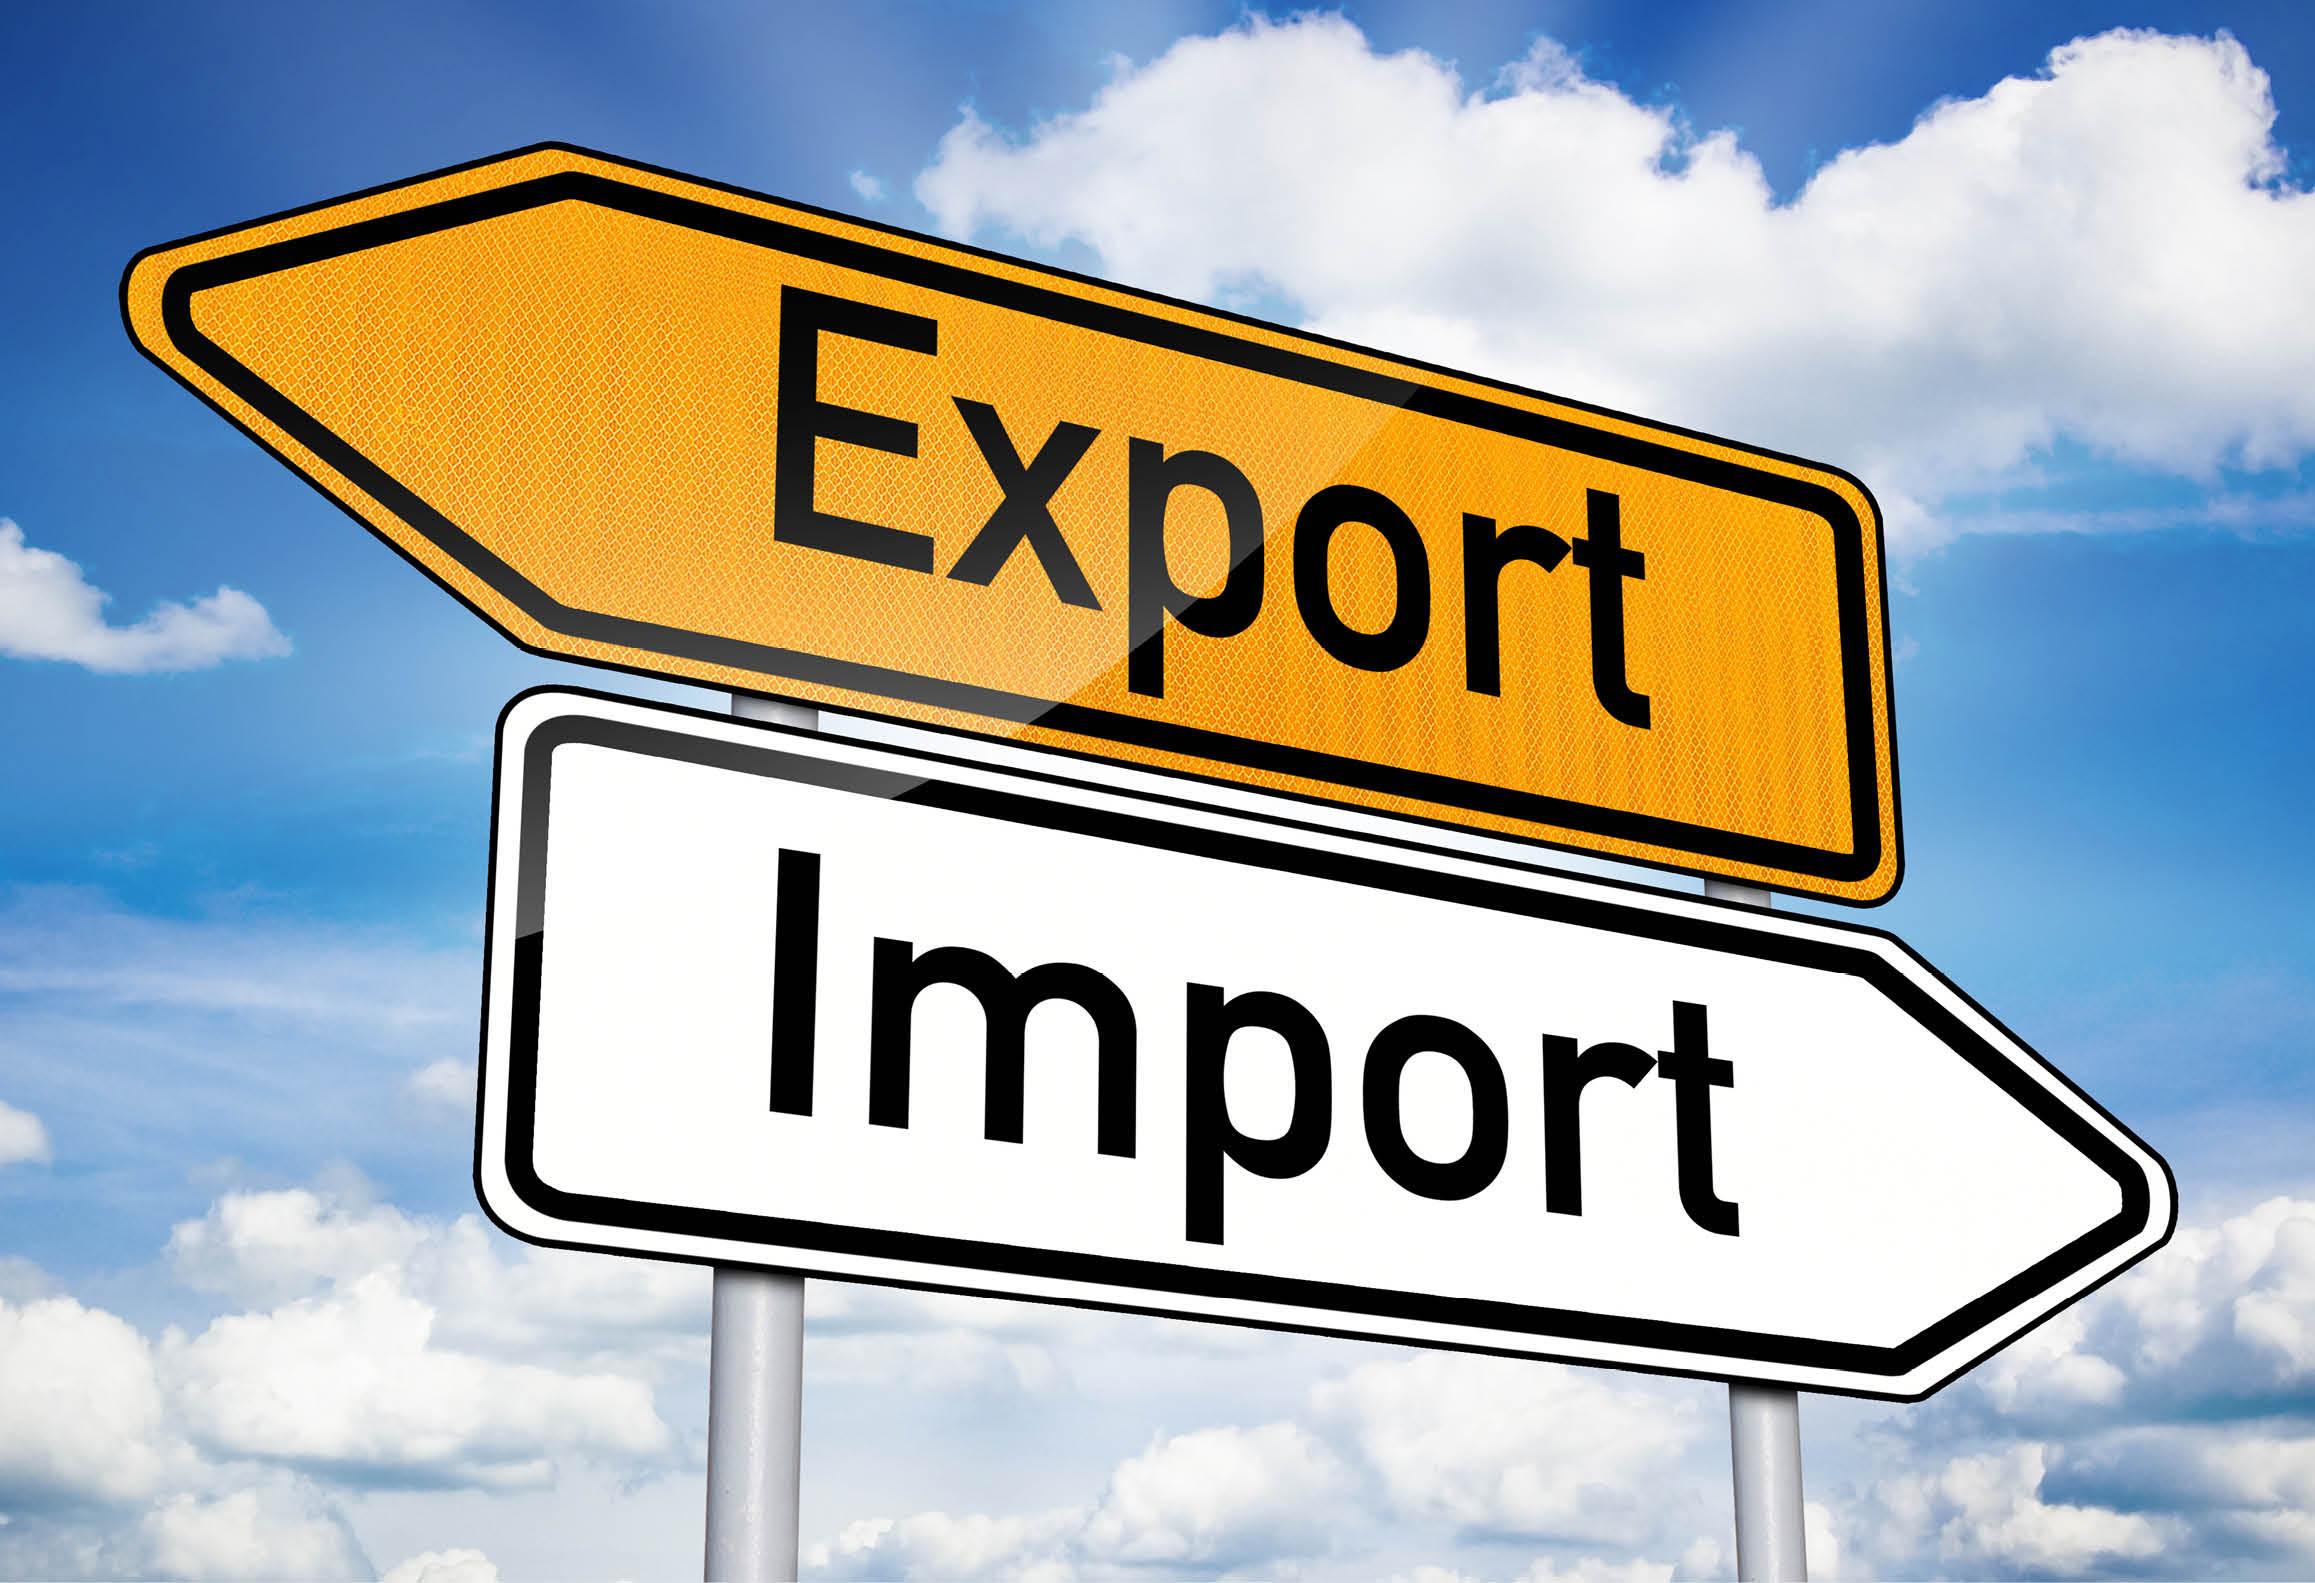 Exportskylt som pekar åt vänster och importskylt som pekar åt höger